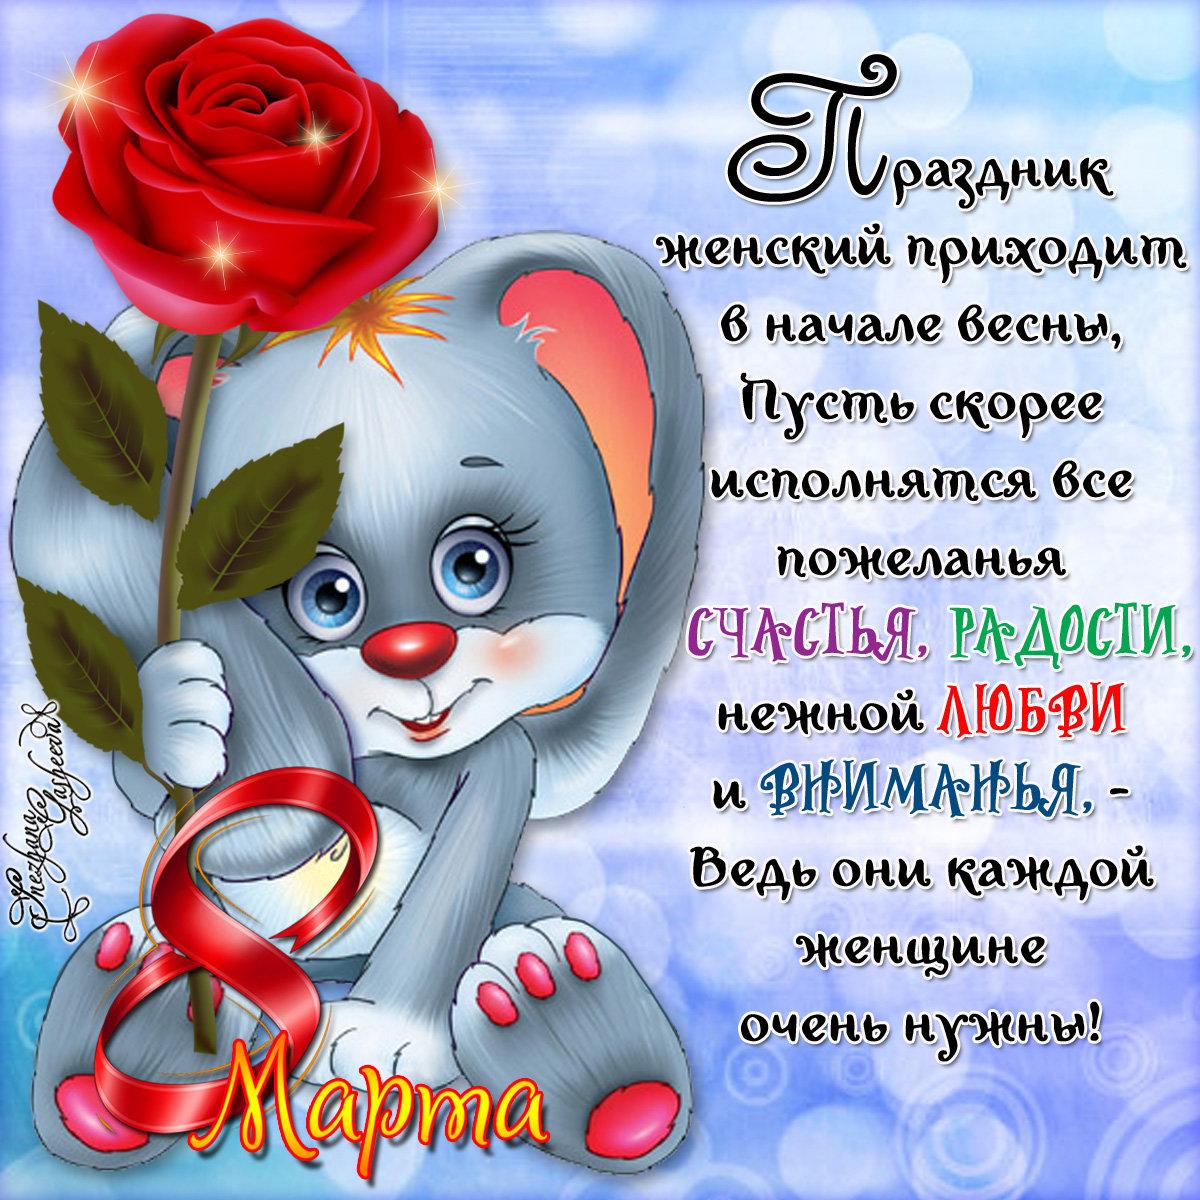 Поздравления с 8 марта прикольные красивые картинки, открытки